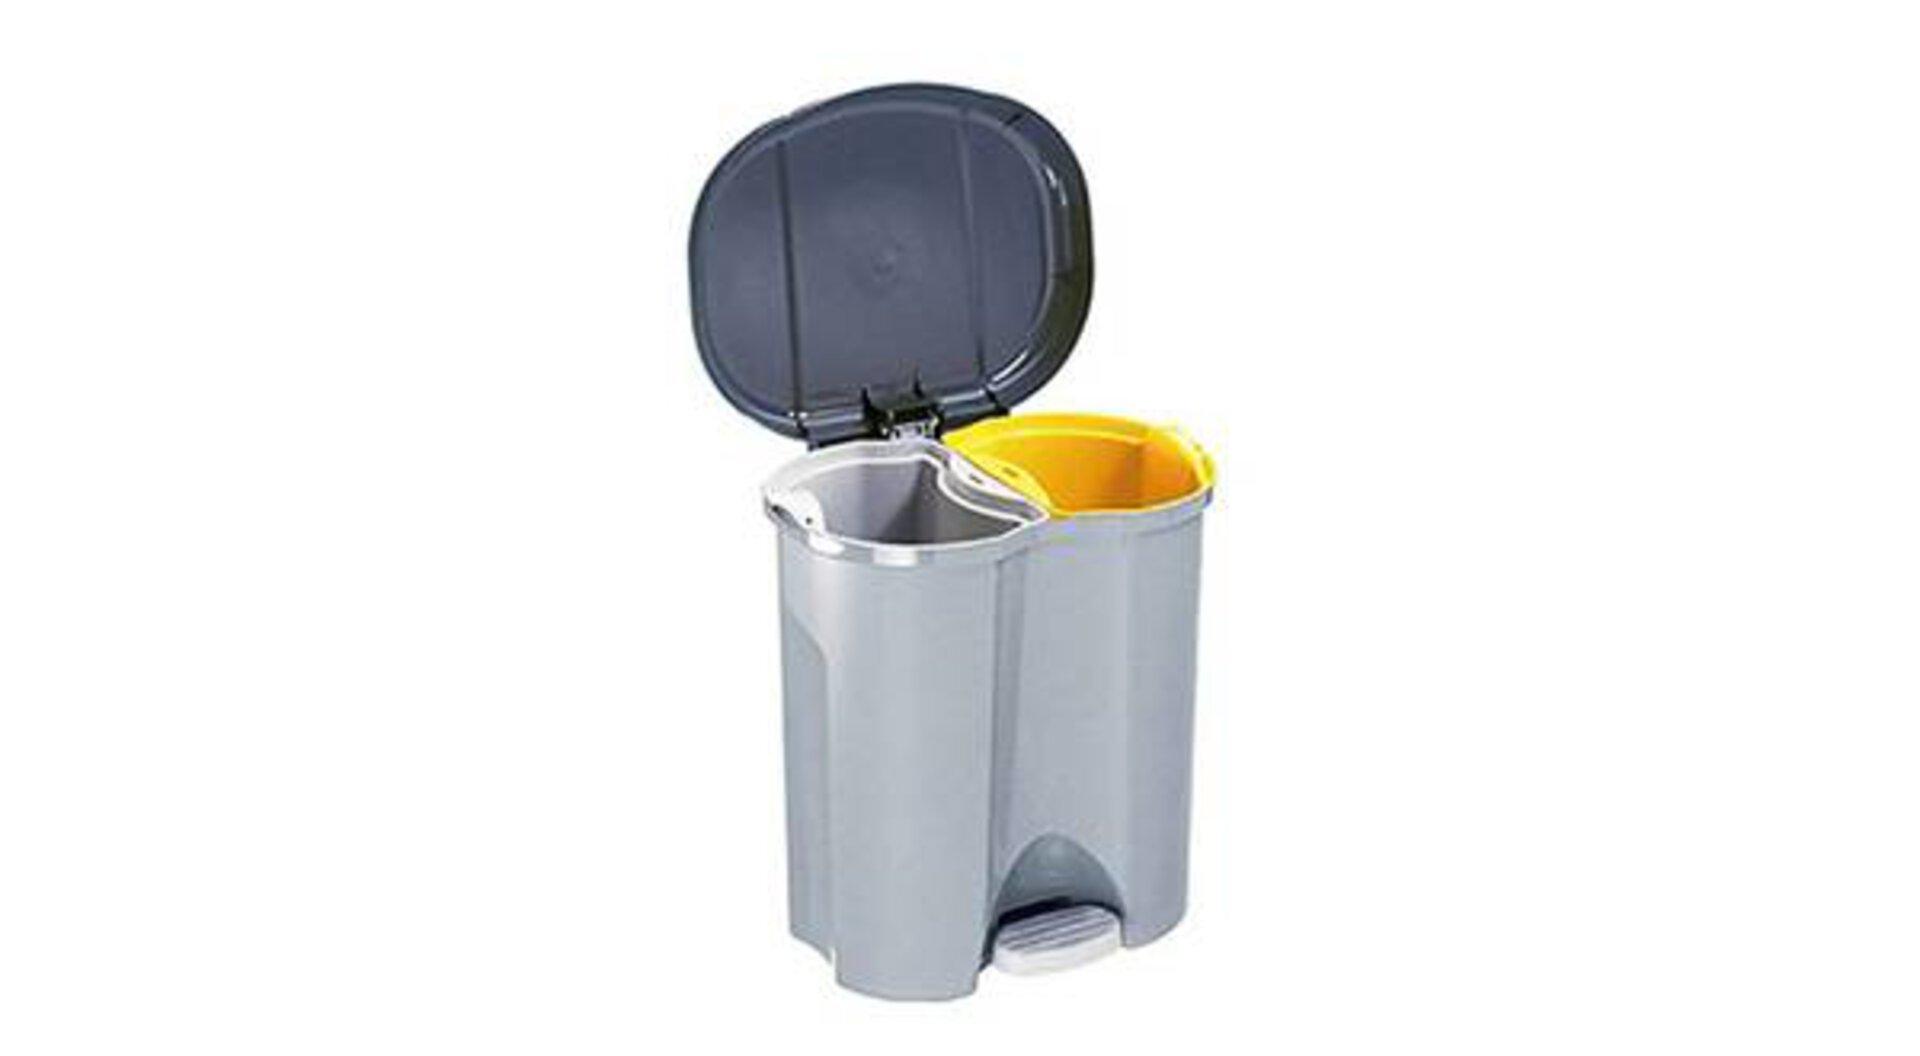 Tretmülleimer mit zwei separaten Fächern. Eines für zum Beispiel Restmüll, das andere für Biomüll oder Gelber Sack. Der Mülleimer ist ein typisches Zubehör, das in keiner Küche fehlen darf.